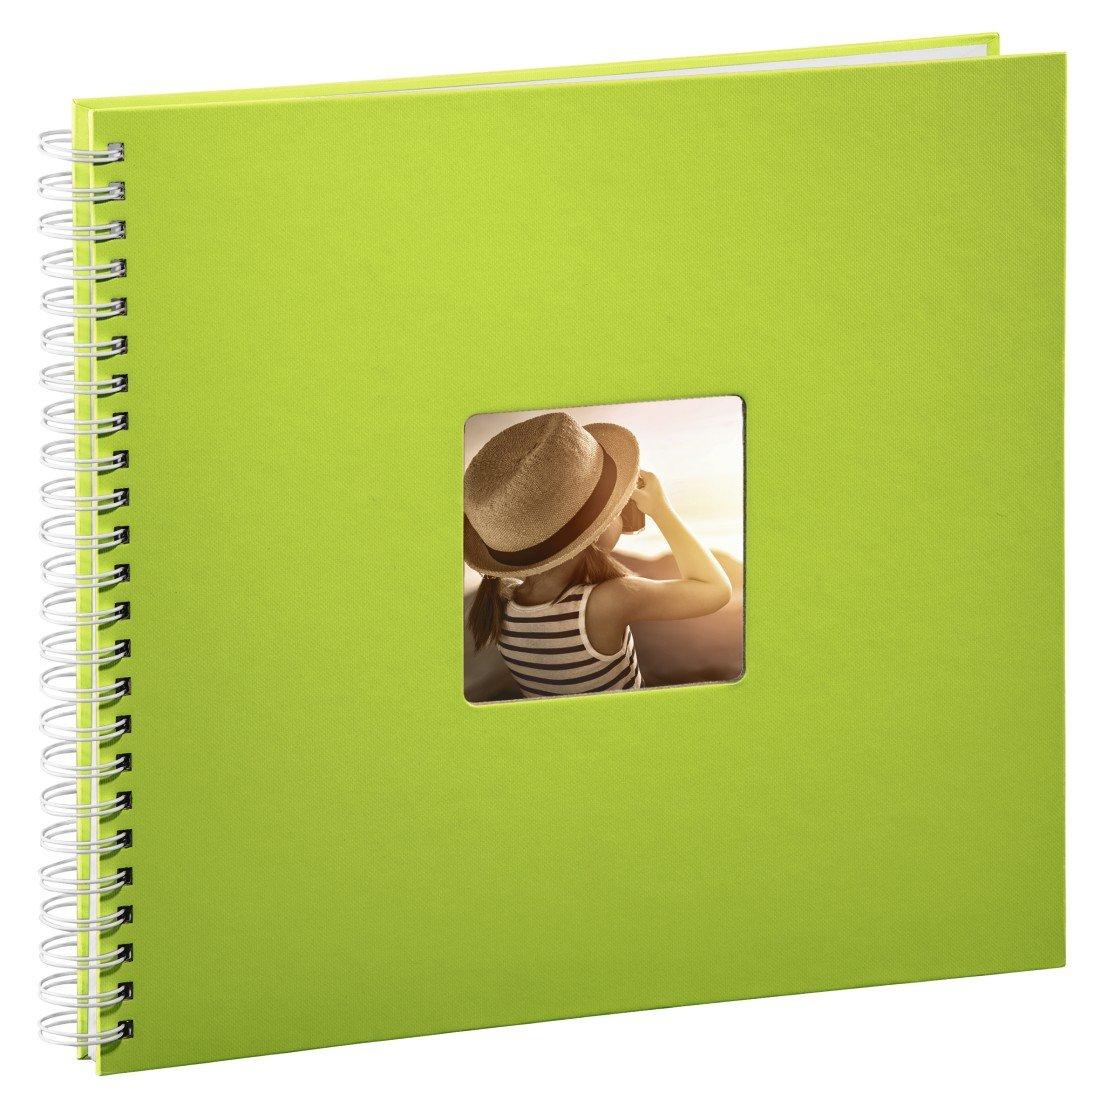 Hama Fine Art Album Fotografico, 36 X 32 cm, Verde 00002116